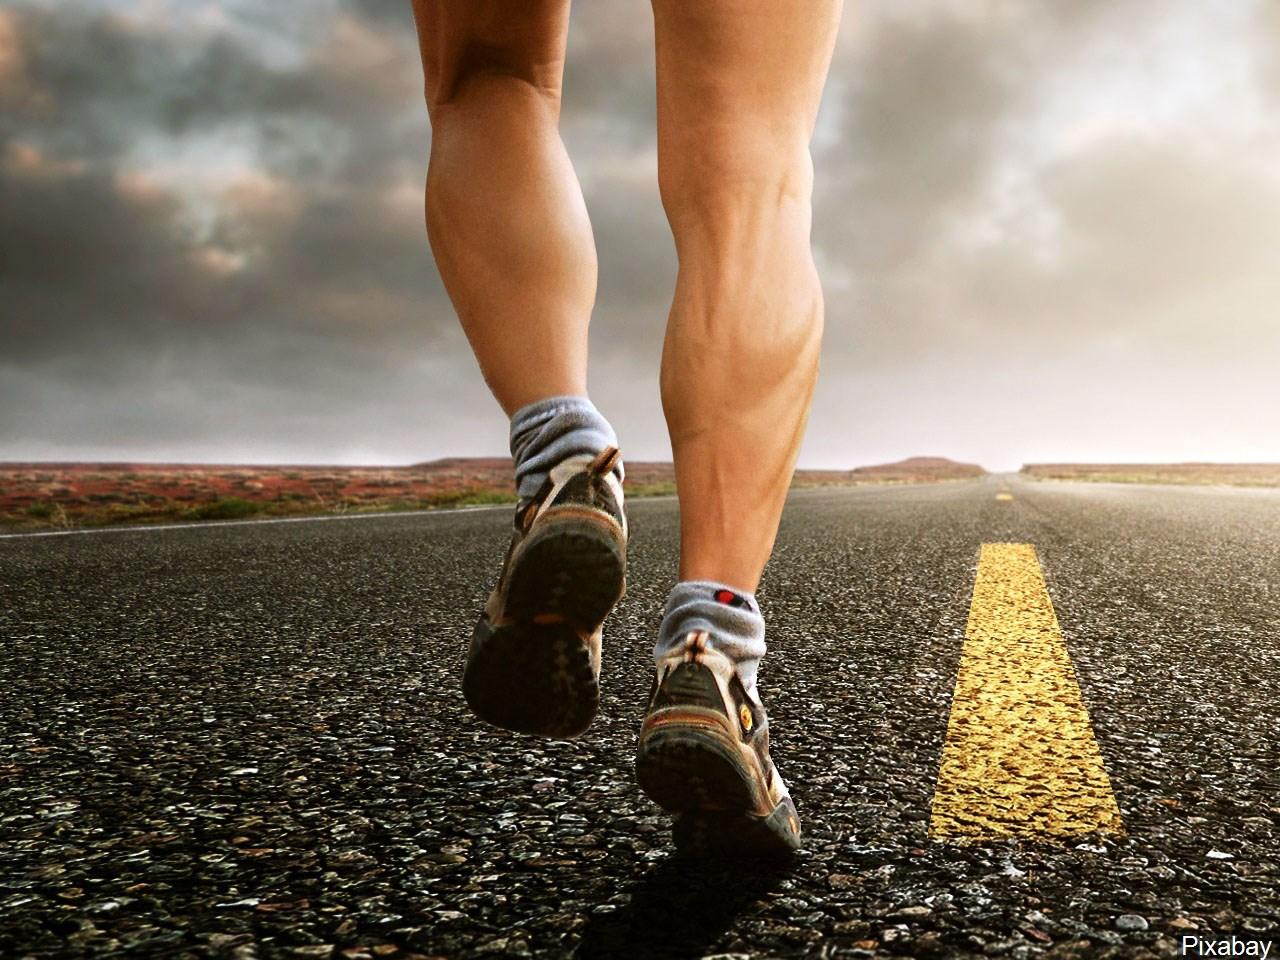 jogging_1549763279975.jpg